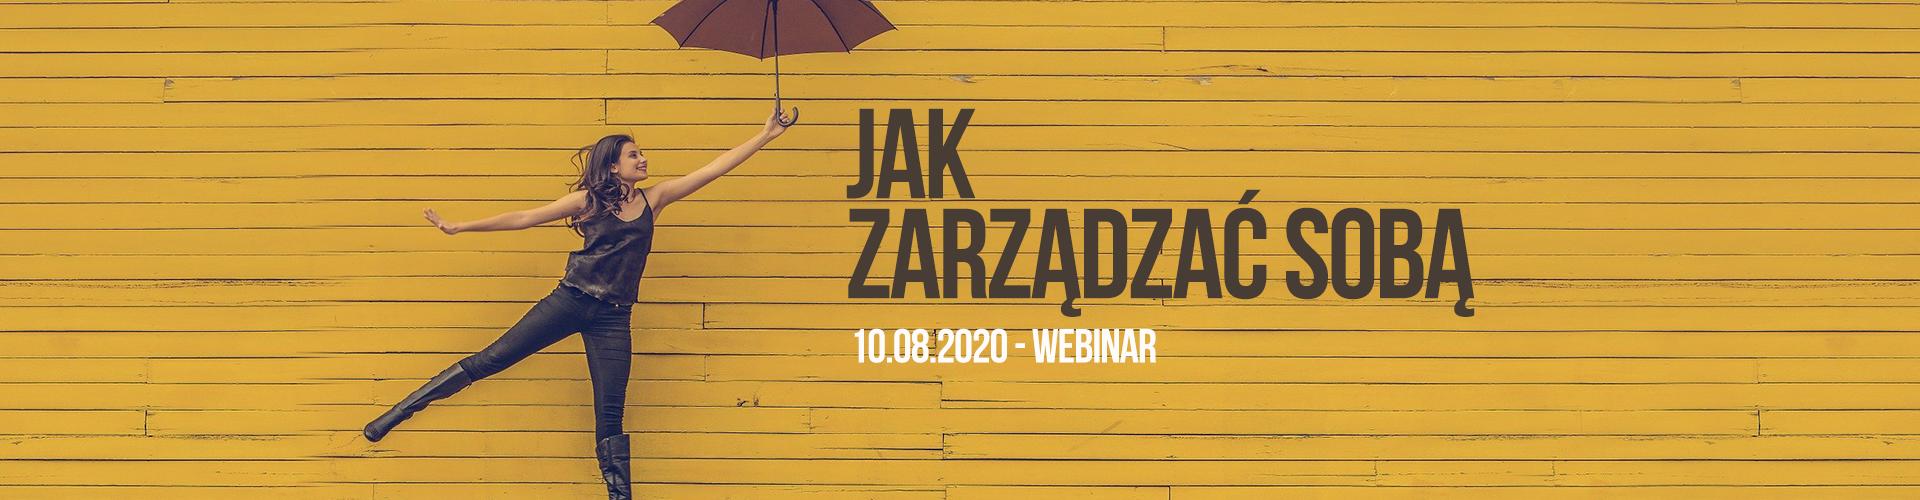 ZARZADZAC-SOBA-WEBINAR-DUZY-10.08